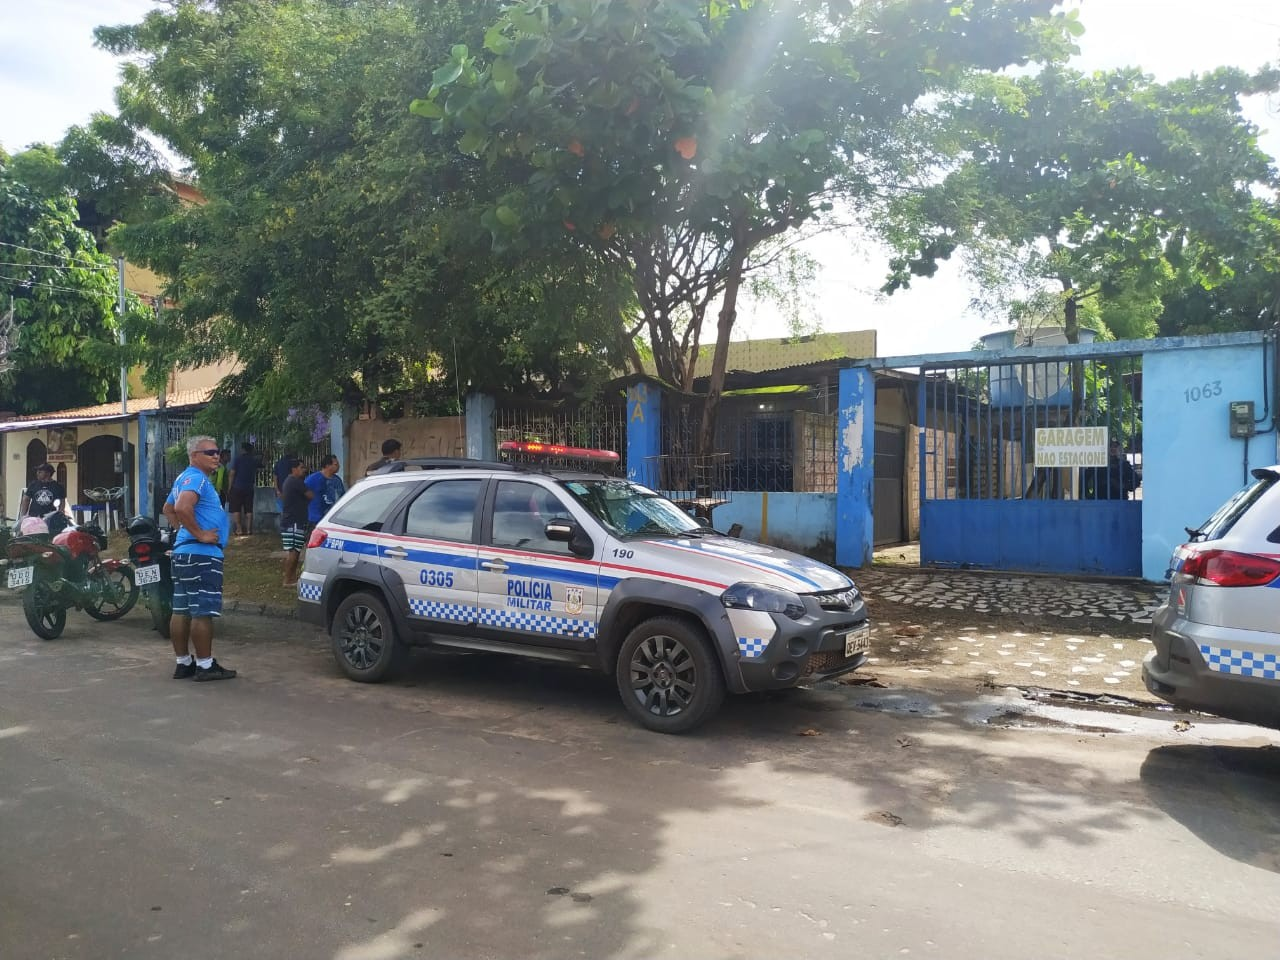 Idoso encontrado morto em residência no bairro Caranazal pode ter sido vítima de latrocínio